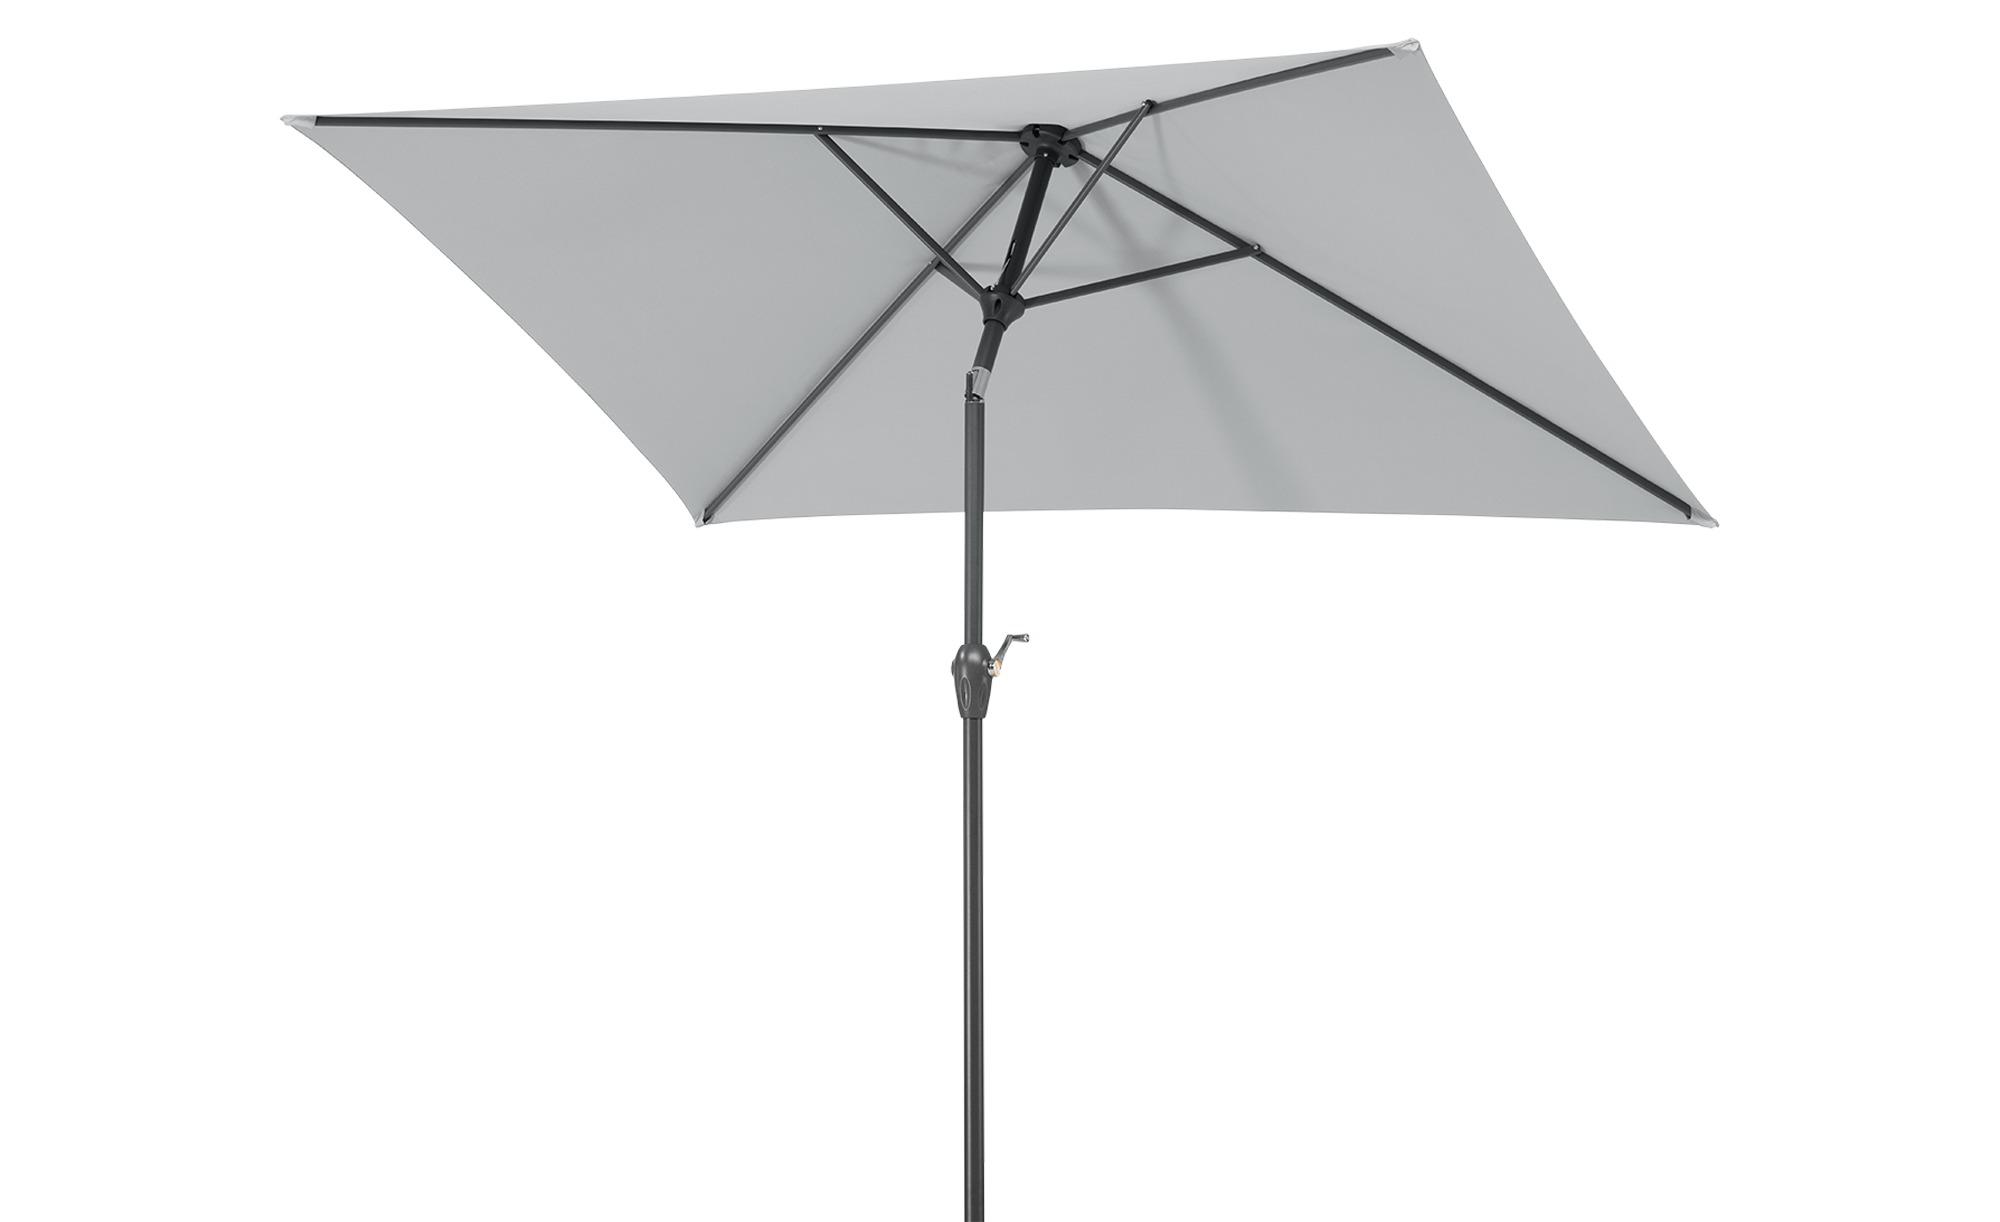 Sonnenschirm  Bilbao ¦ grau Garten > Sonnenschutz > Sonnenschirme - Höffner